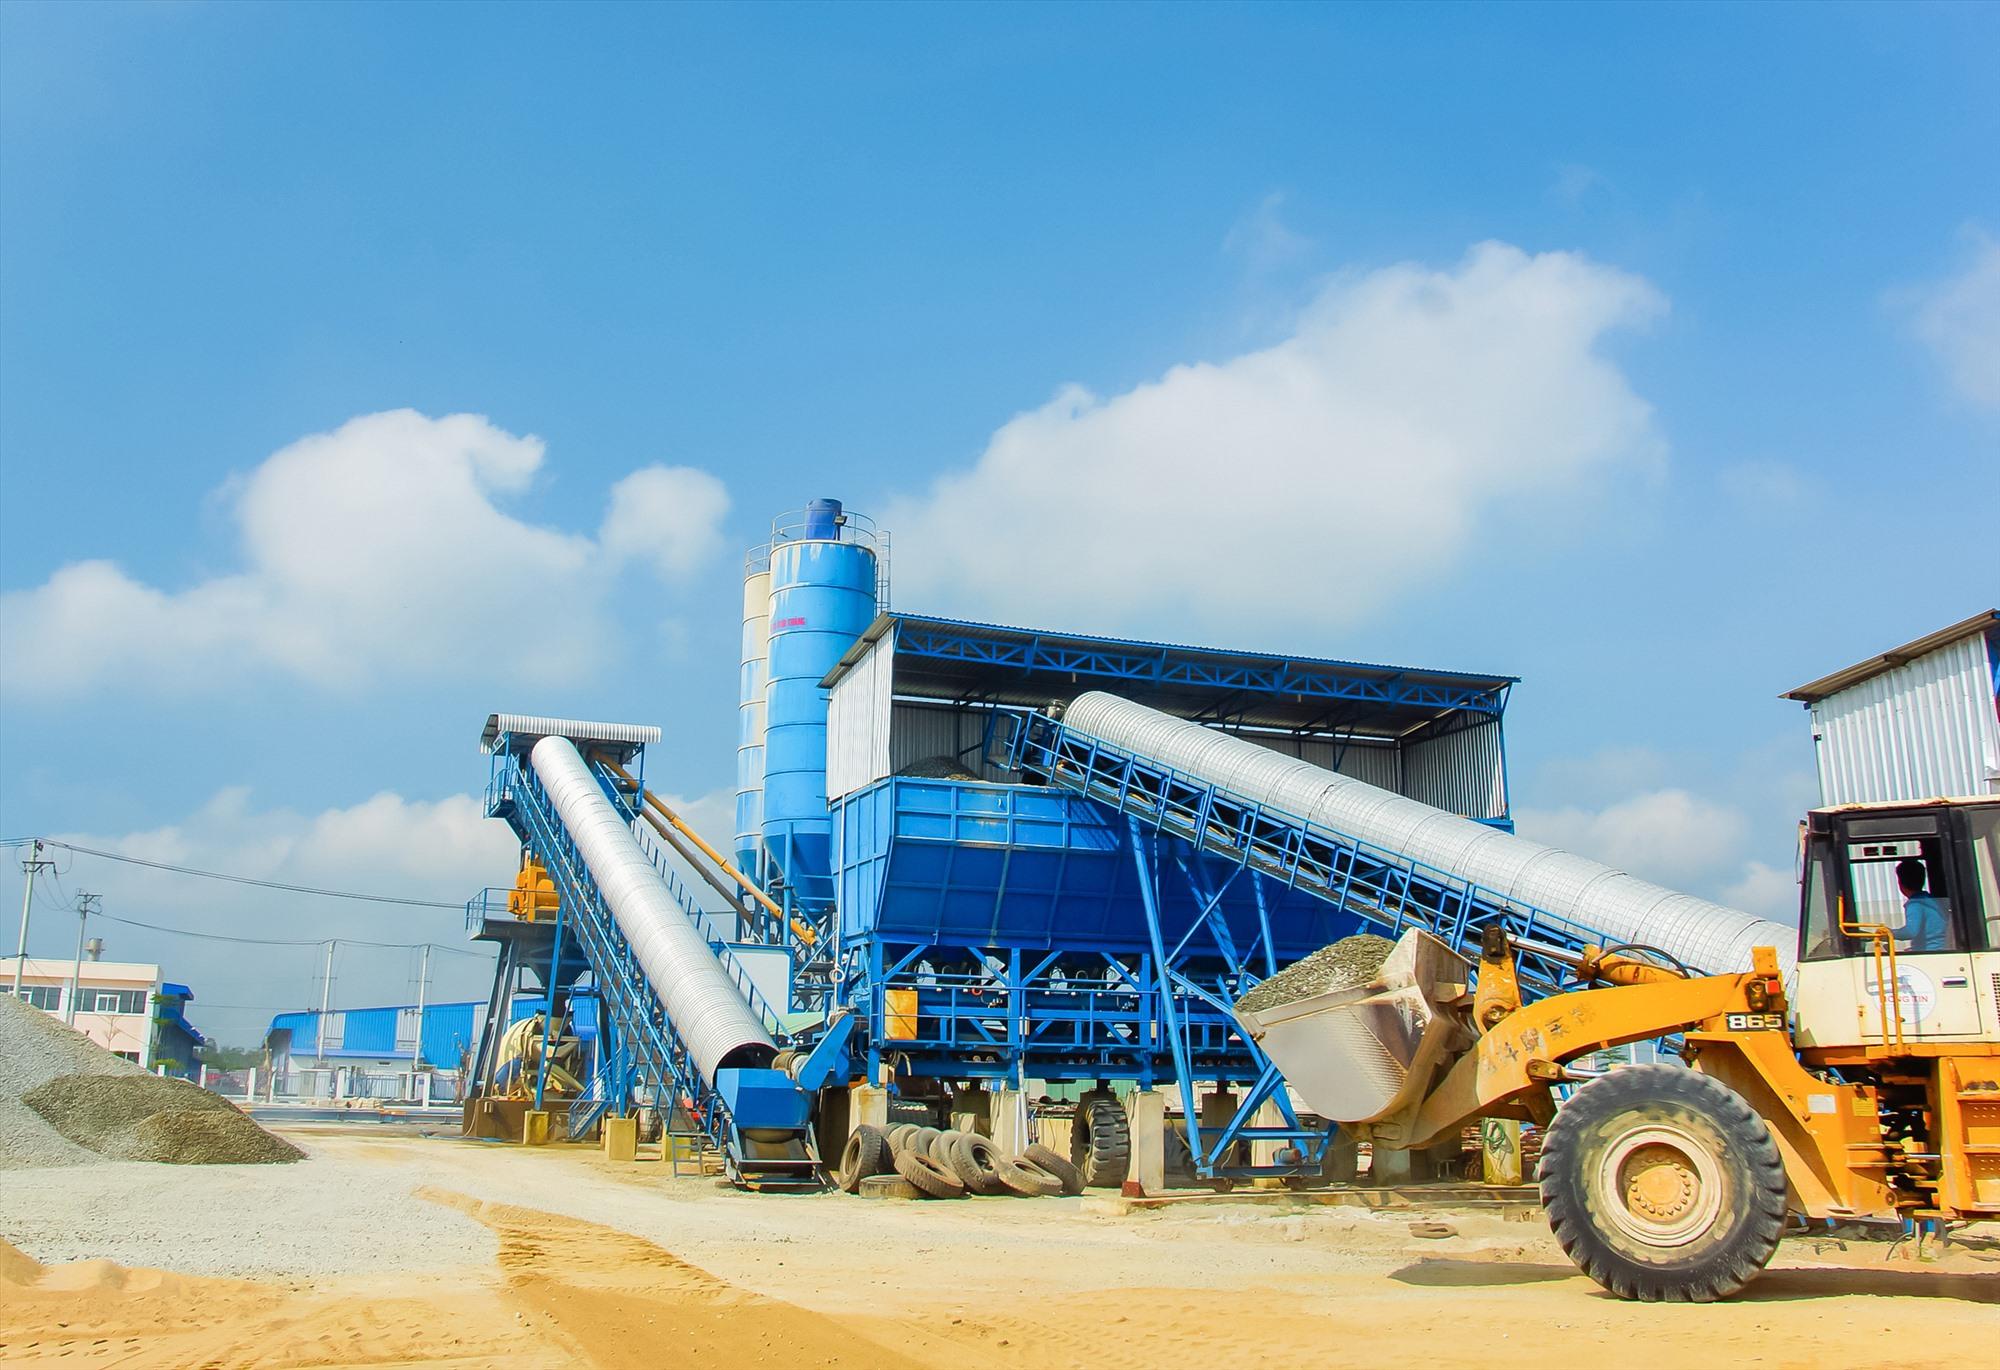 Theo đánh giá của UBND tỉnh, tình hình sản xuất công nghiệp trên địa bàn tỉnh 5 tháng đầu năm có nhiều khởi sắc. TRONG ẢNH: Hoạt động sản xuất tại Khu công nghiệp Tam Thăng (TP.Tam Kỳ). Ảnh: PHƯƠNG THẢO